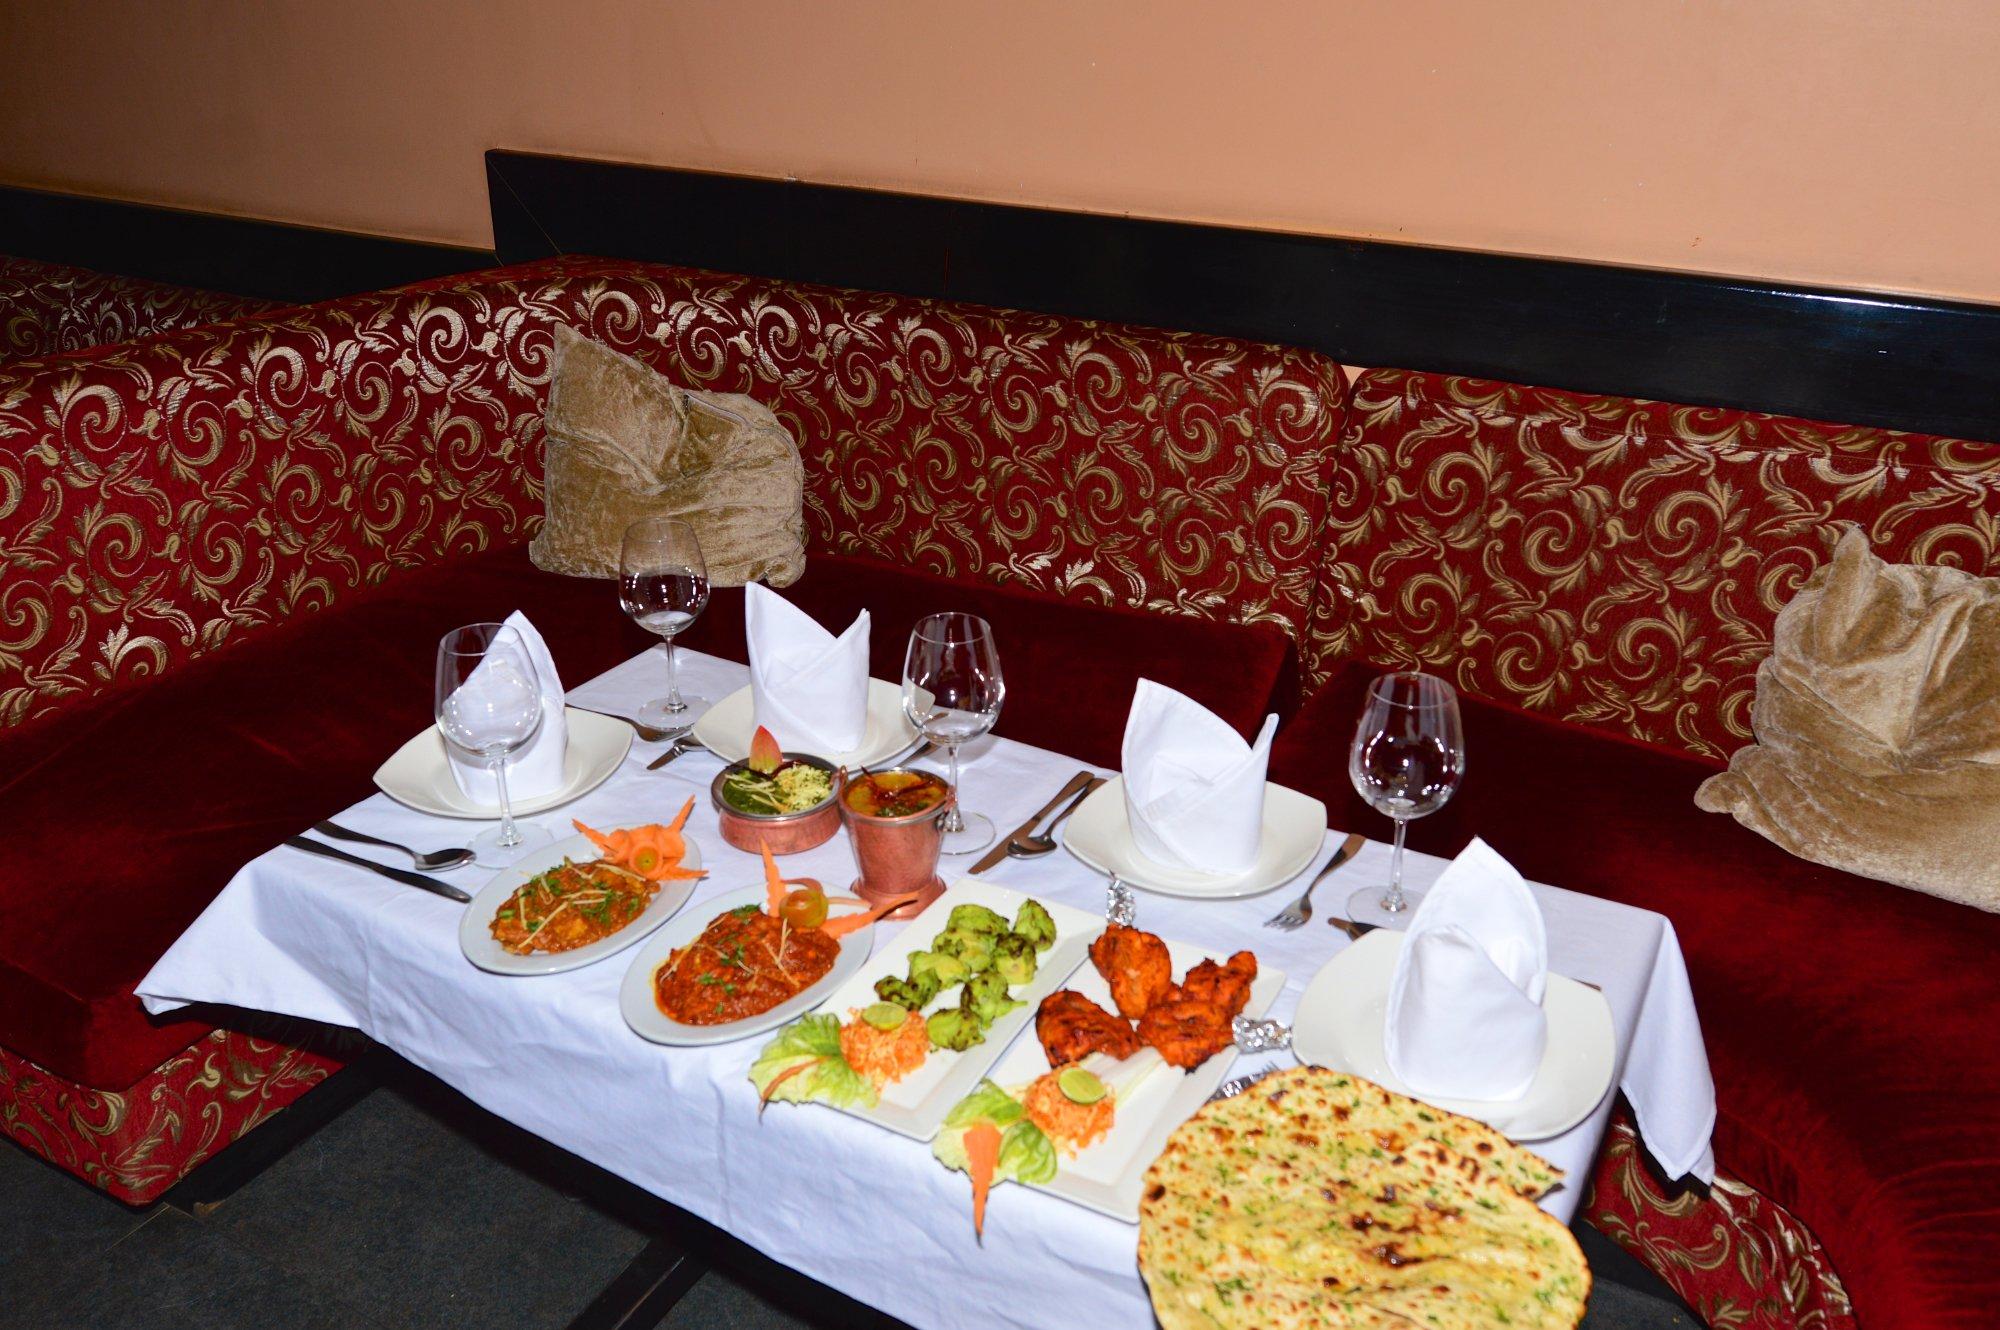 Jongnhams - Angkor India Restaurant in - Phnom Penh